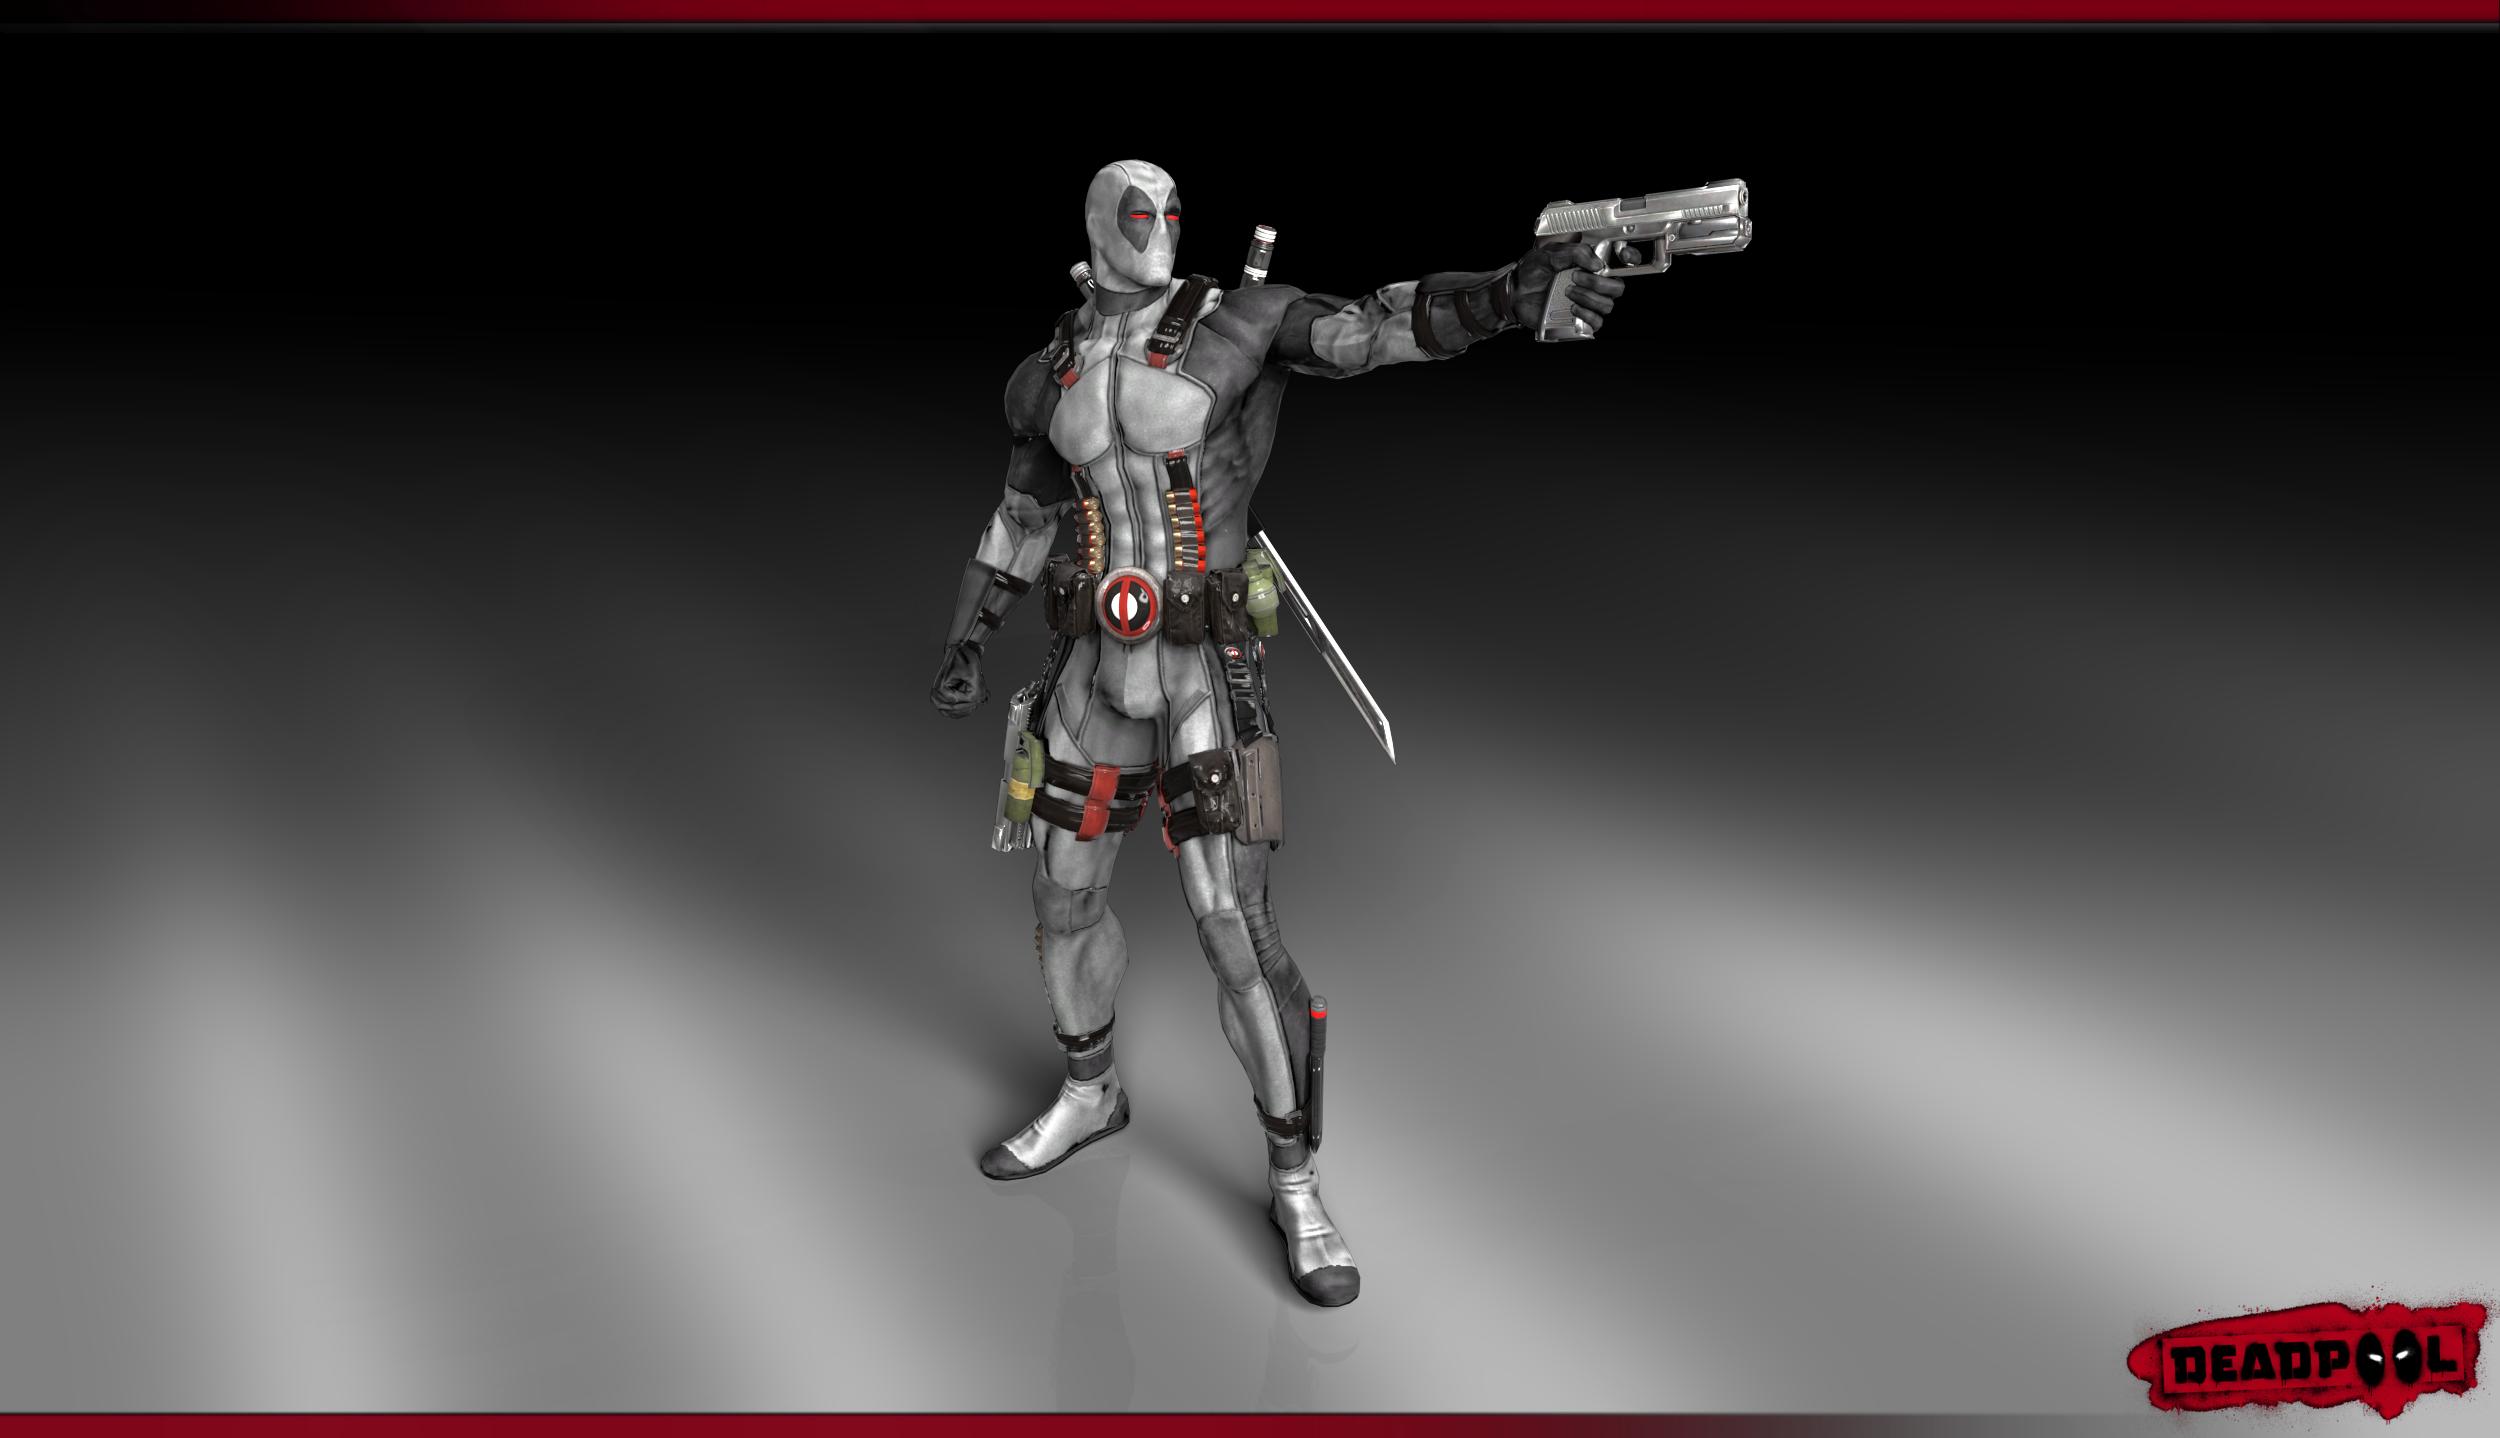 Deadpool render Wallpaper X Force Costume by ArRoW 4 U 2500x1438